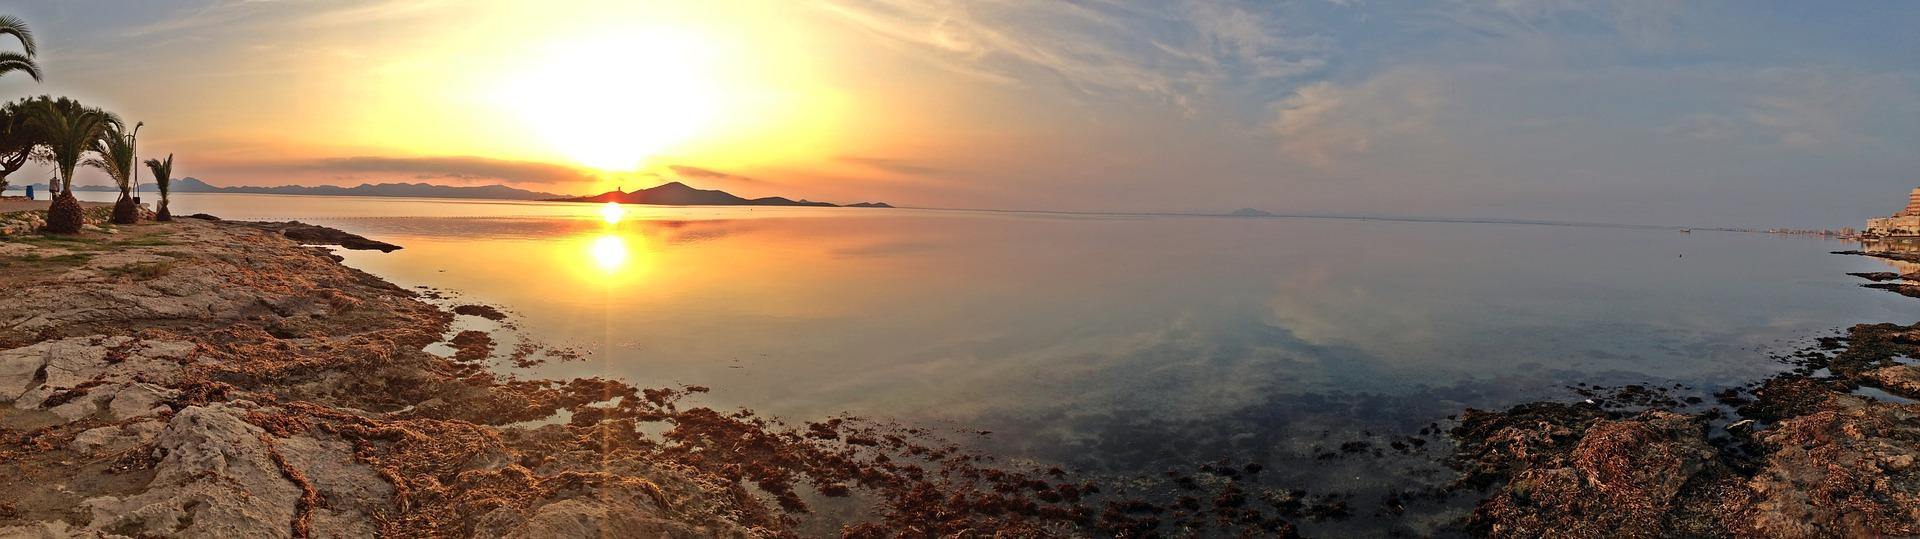 Mar Menor, puesta de sol